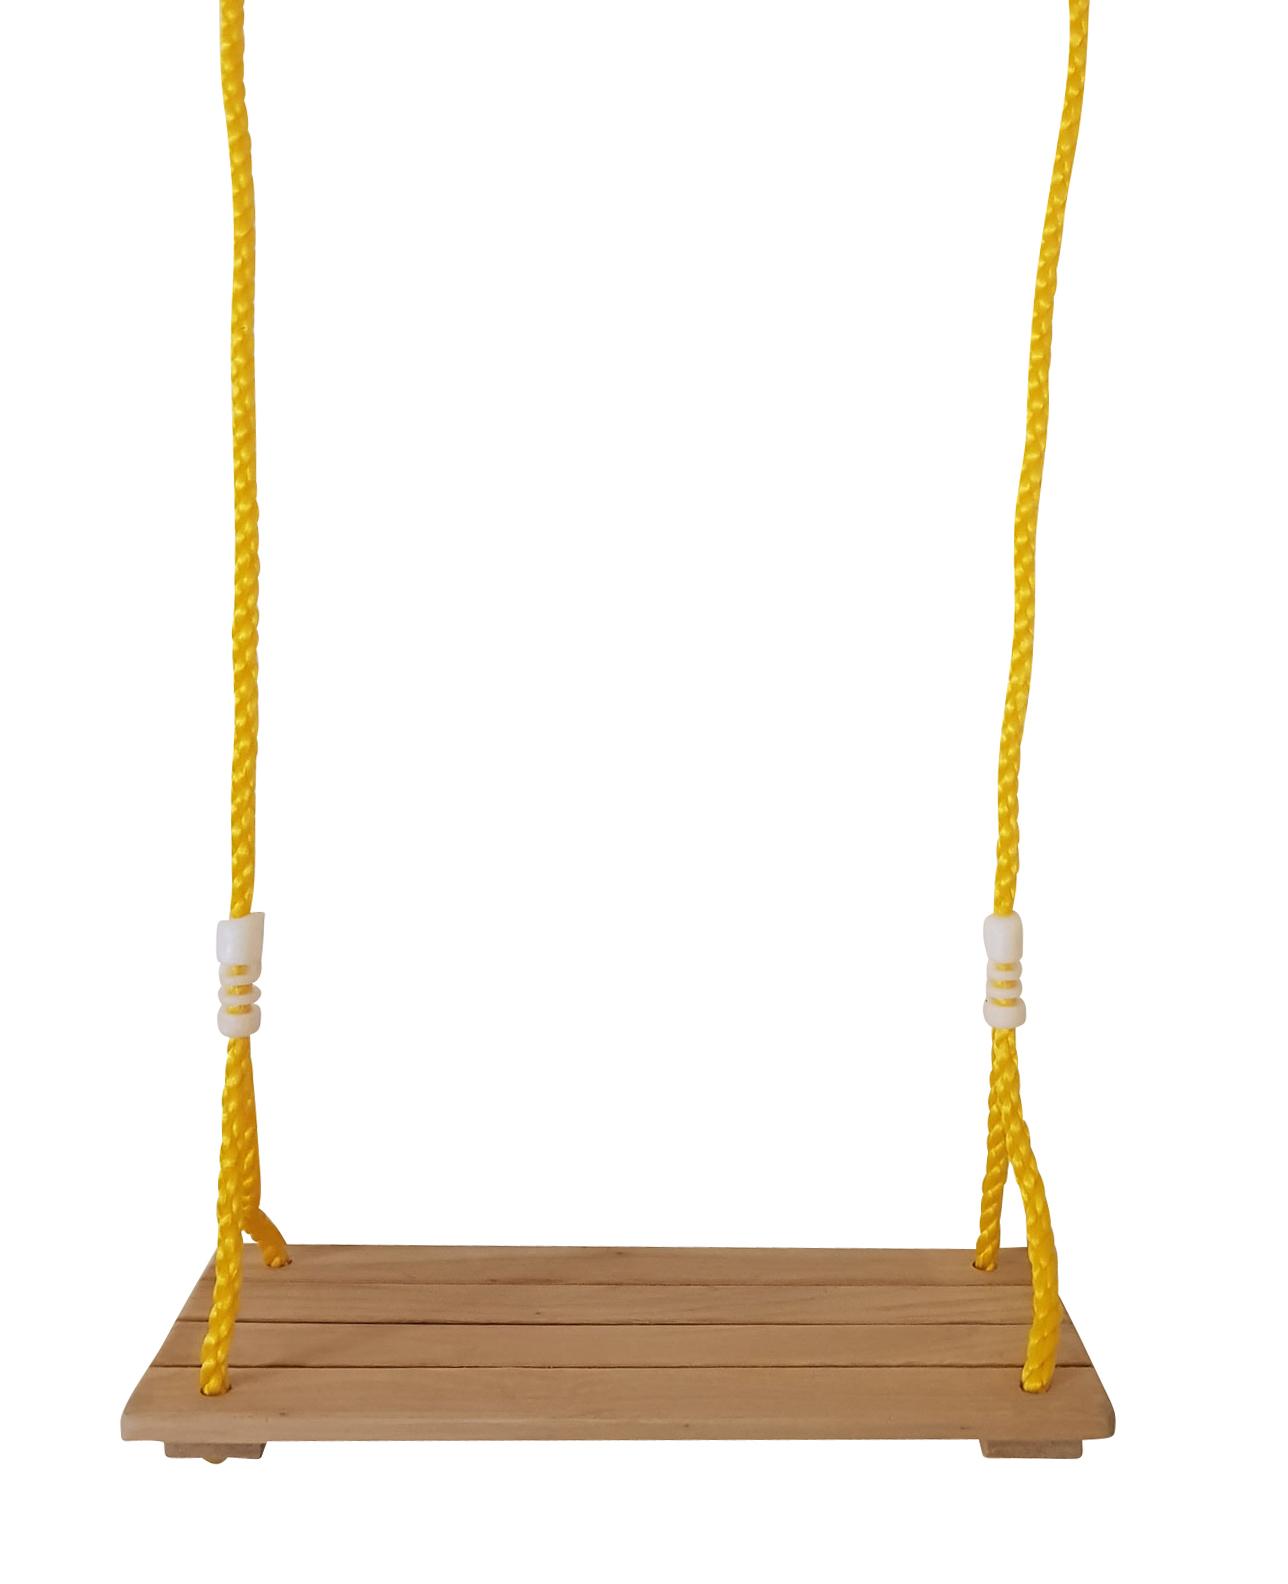 Full Size of Gartenschaukel Kinder Kinderschaukel Brettschaukel Schaukelbrett Holzschaukel Betten Konzentrationsschwäche Bei Schulkindern Regal Kinderzimmer Weiß Wohnzimmer Gartenschaukel Kinder